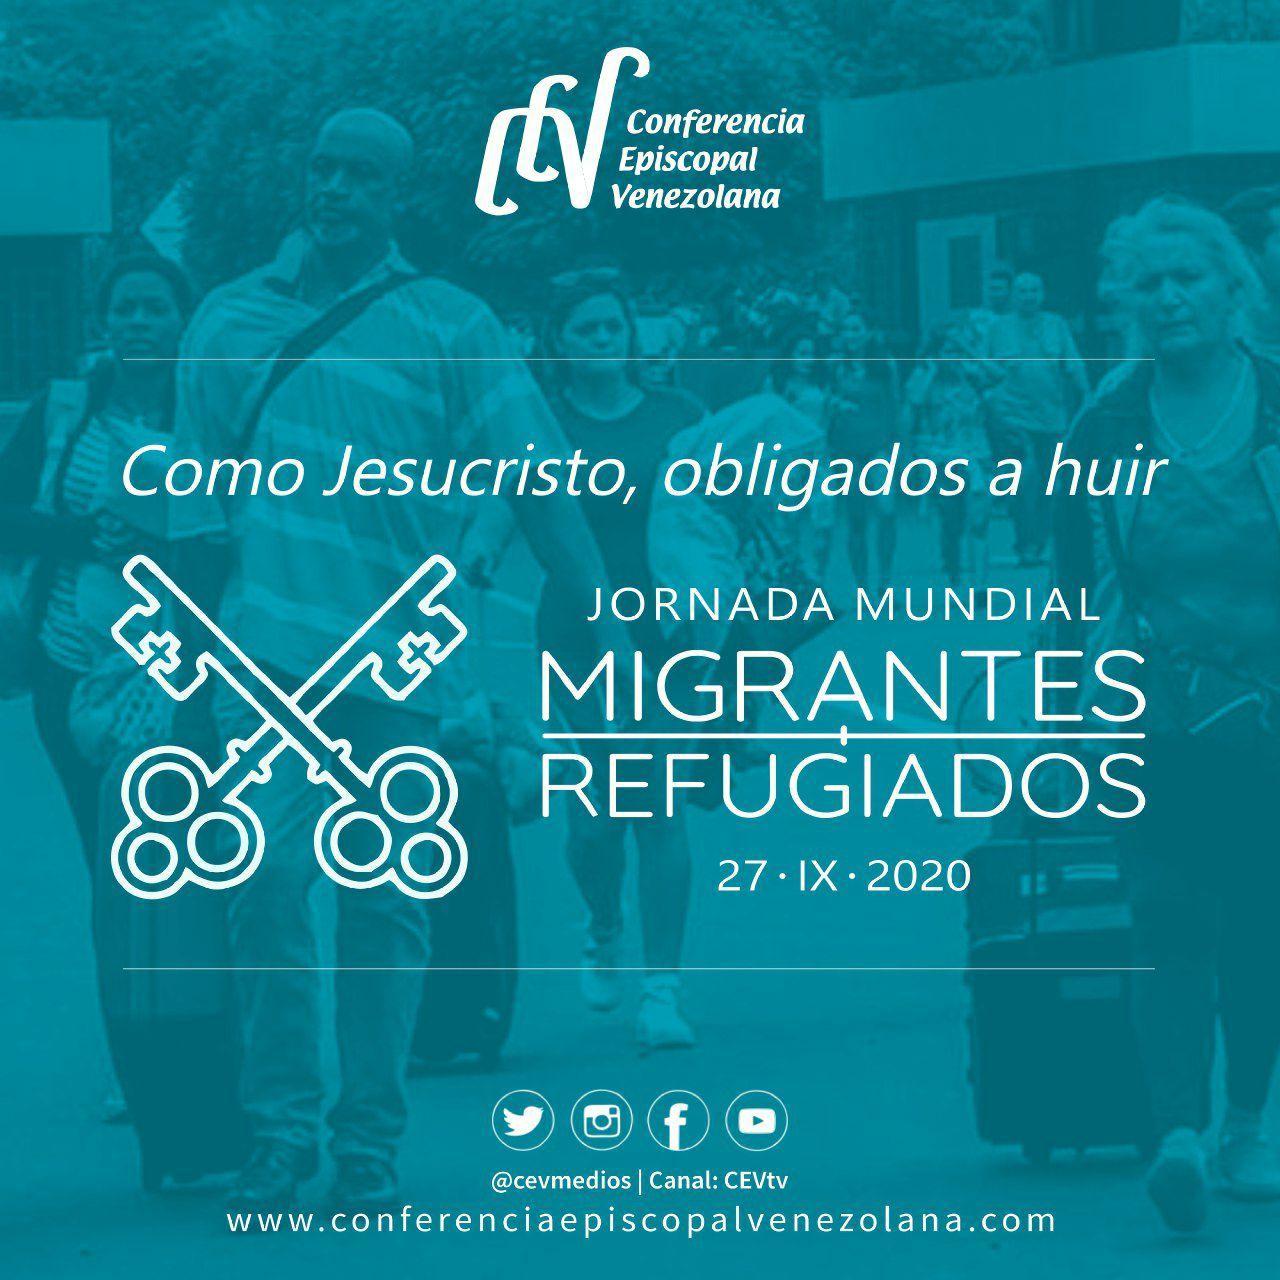 """Jornada Mundial de Migrantes y Refugiados: """"Como Jesucristo, obligados a huir"""""""